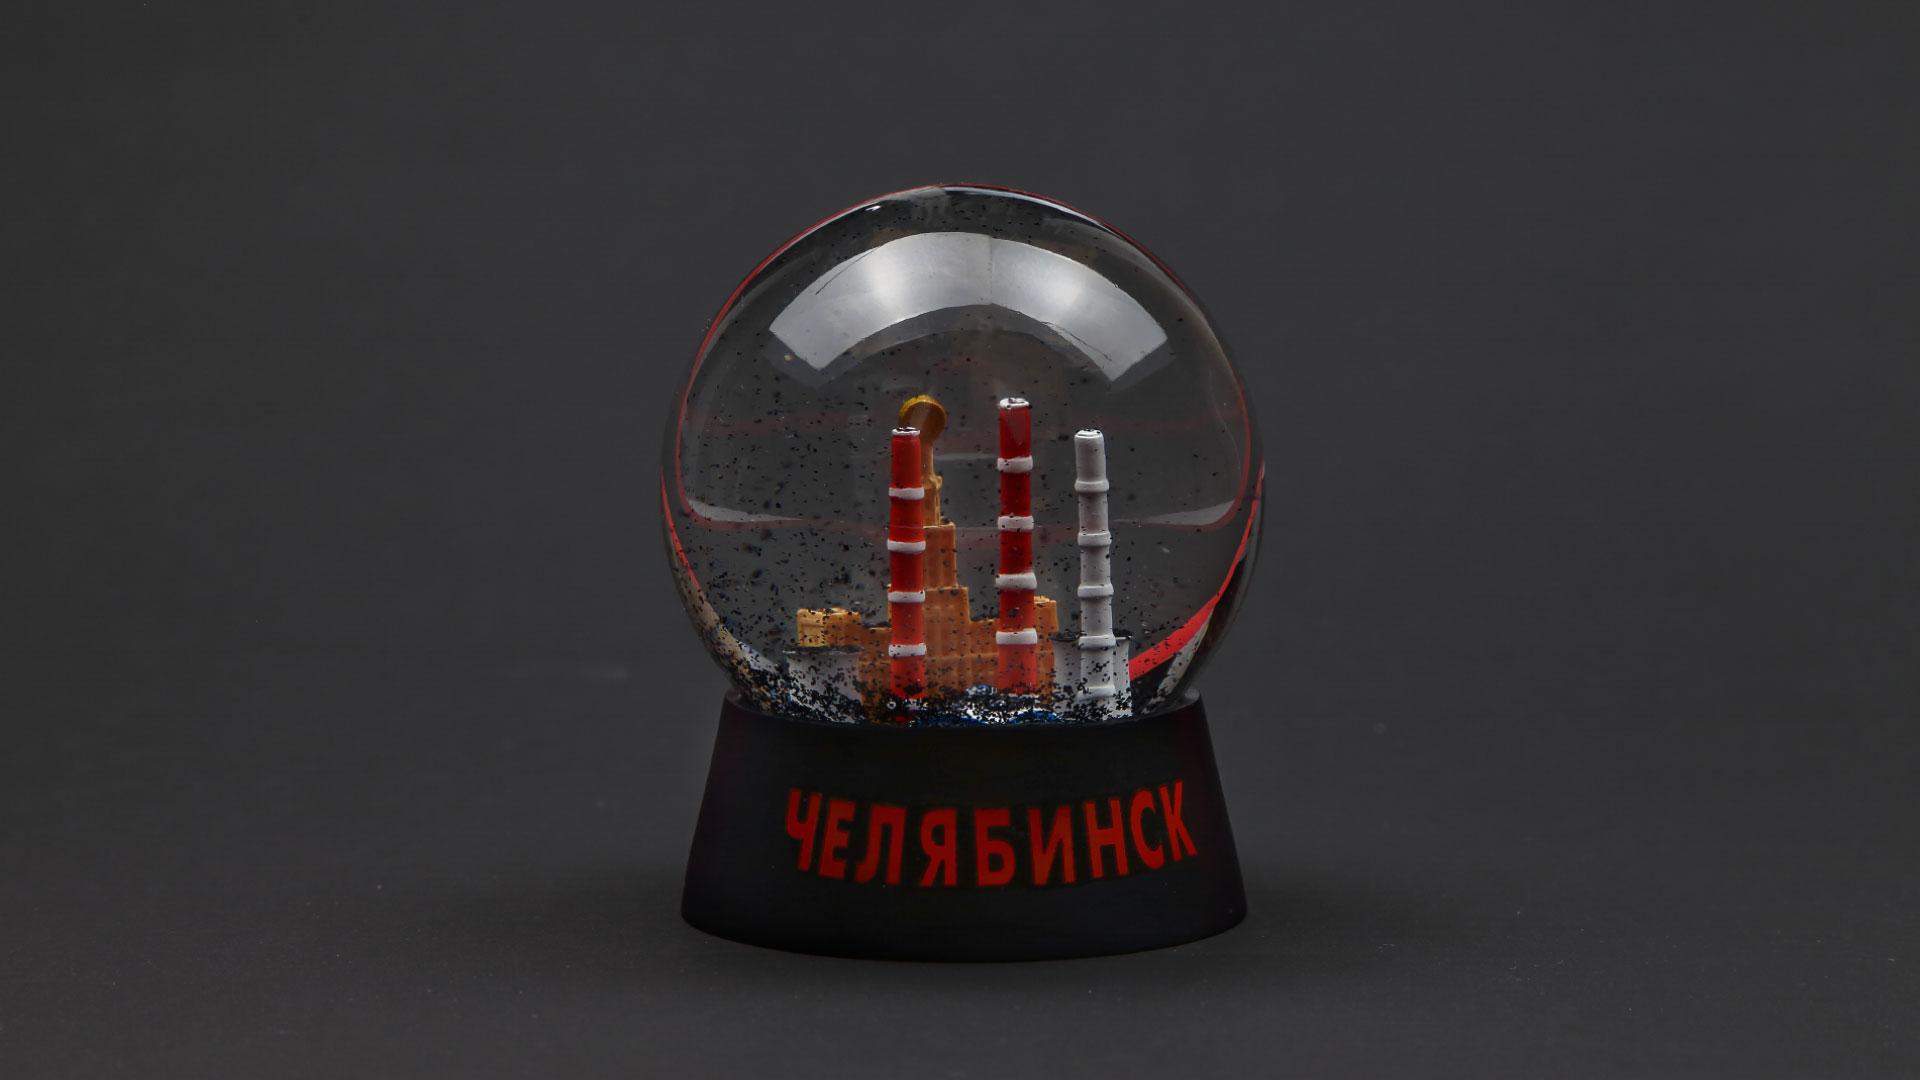 Челябинск, шары надежды, Челябинская область, новости Урала, сувениры Урала, новогодний сувенир, интересное на Урале